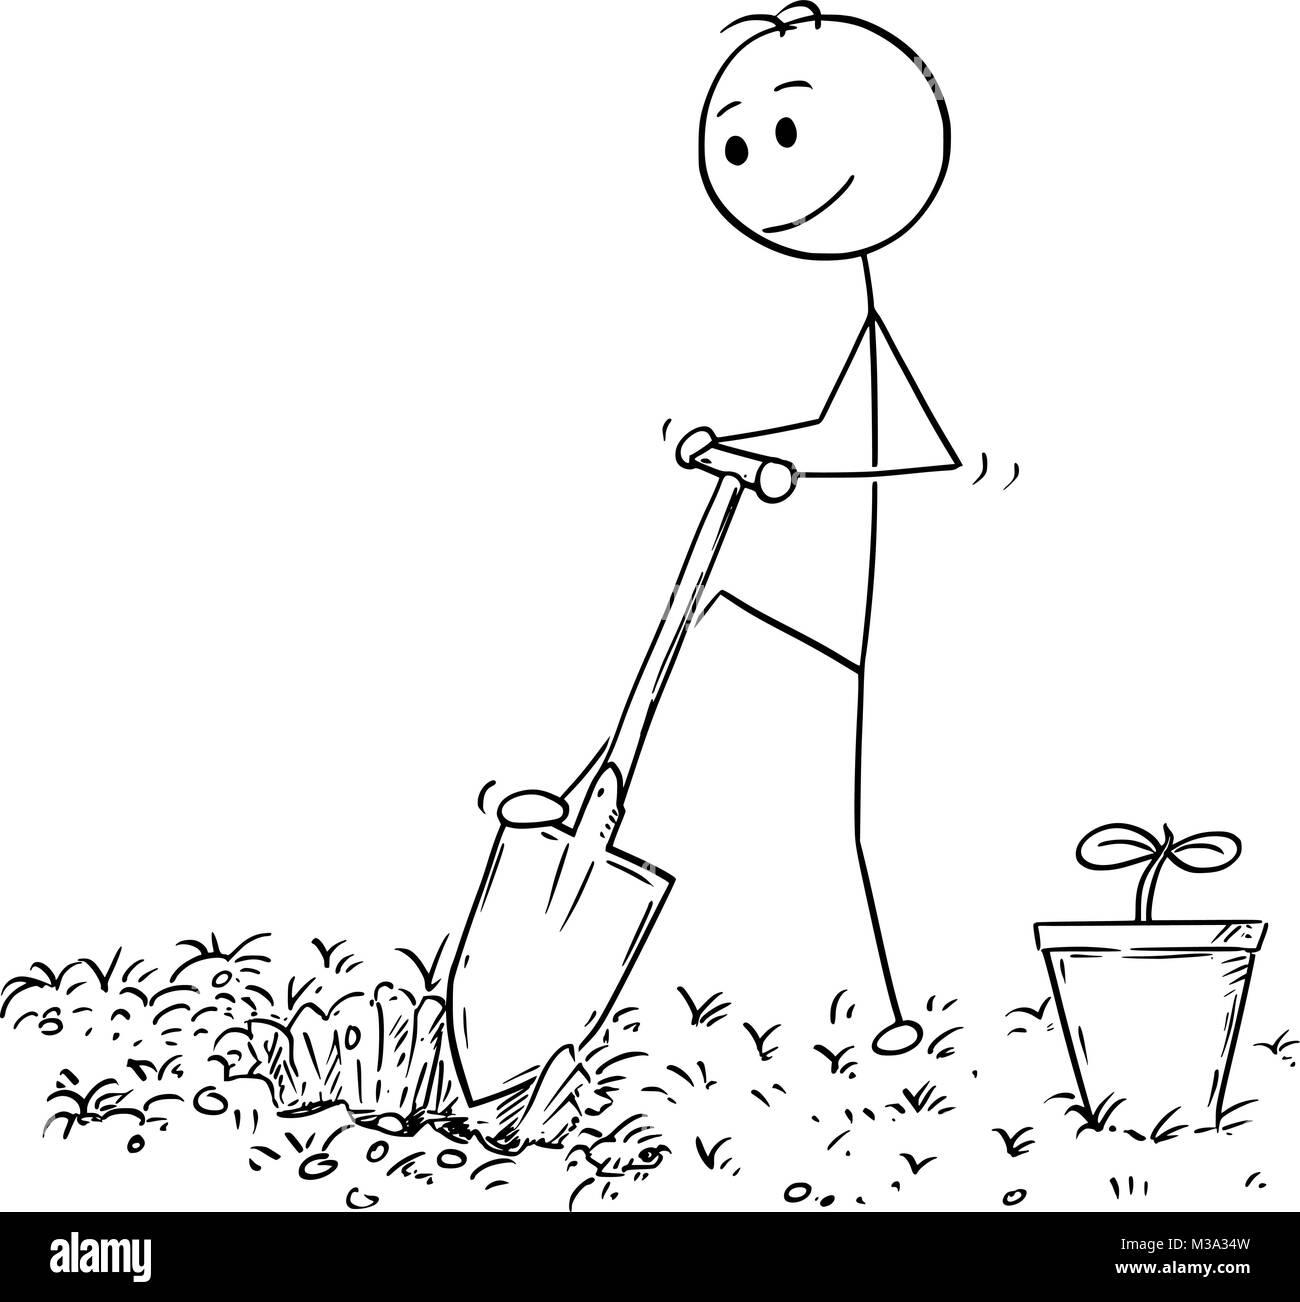 Gardener digs a hole 4